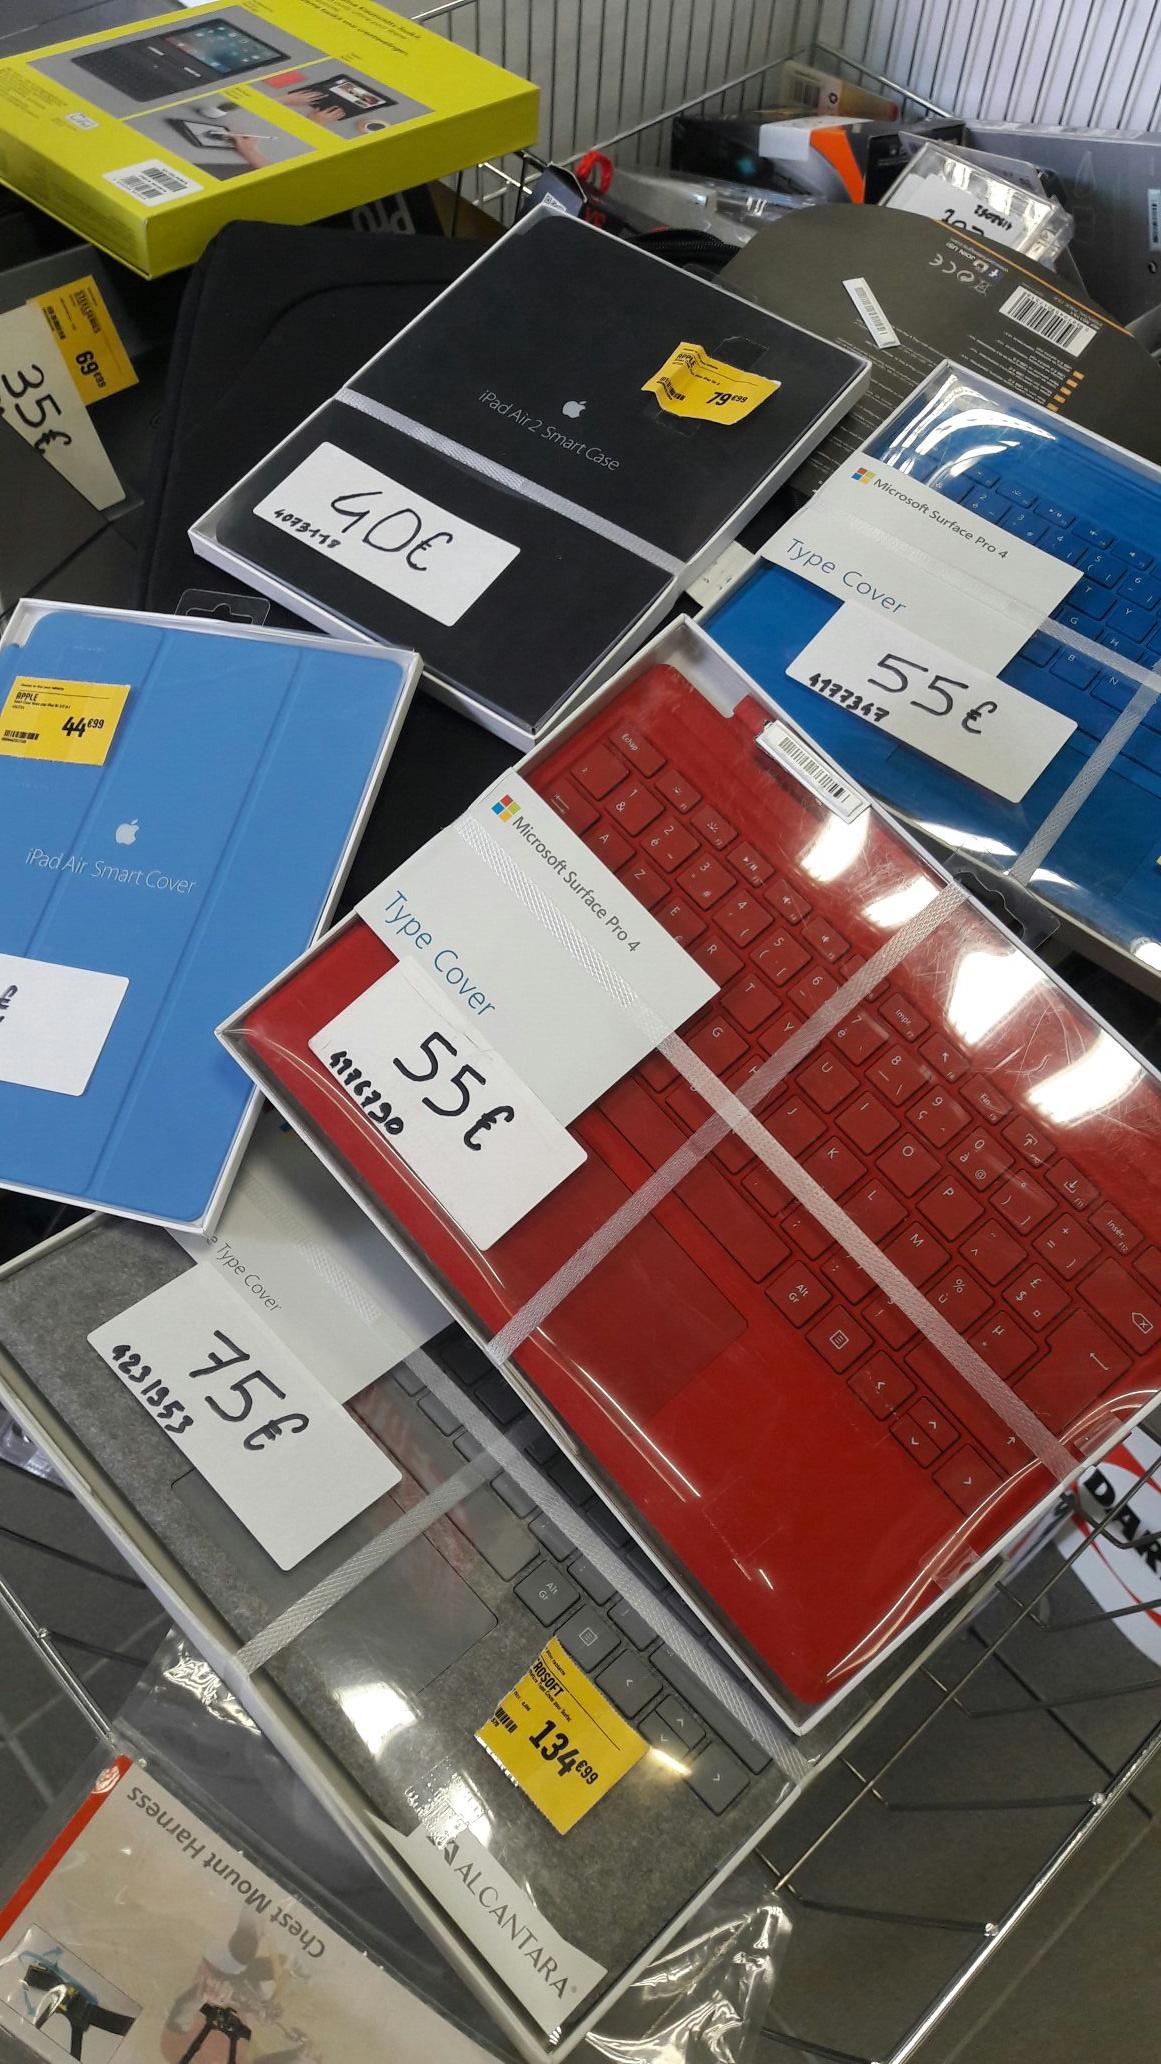 Sélection d'accessoires pour tablette Microsoft - Ex: Microsoft Surface Pro 4 Type Cover - Trignac (44)